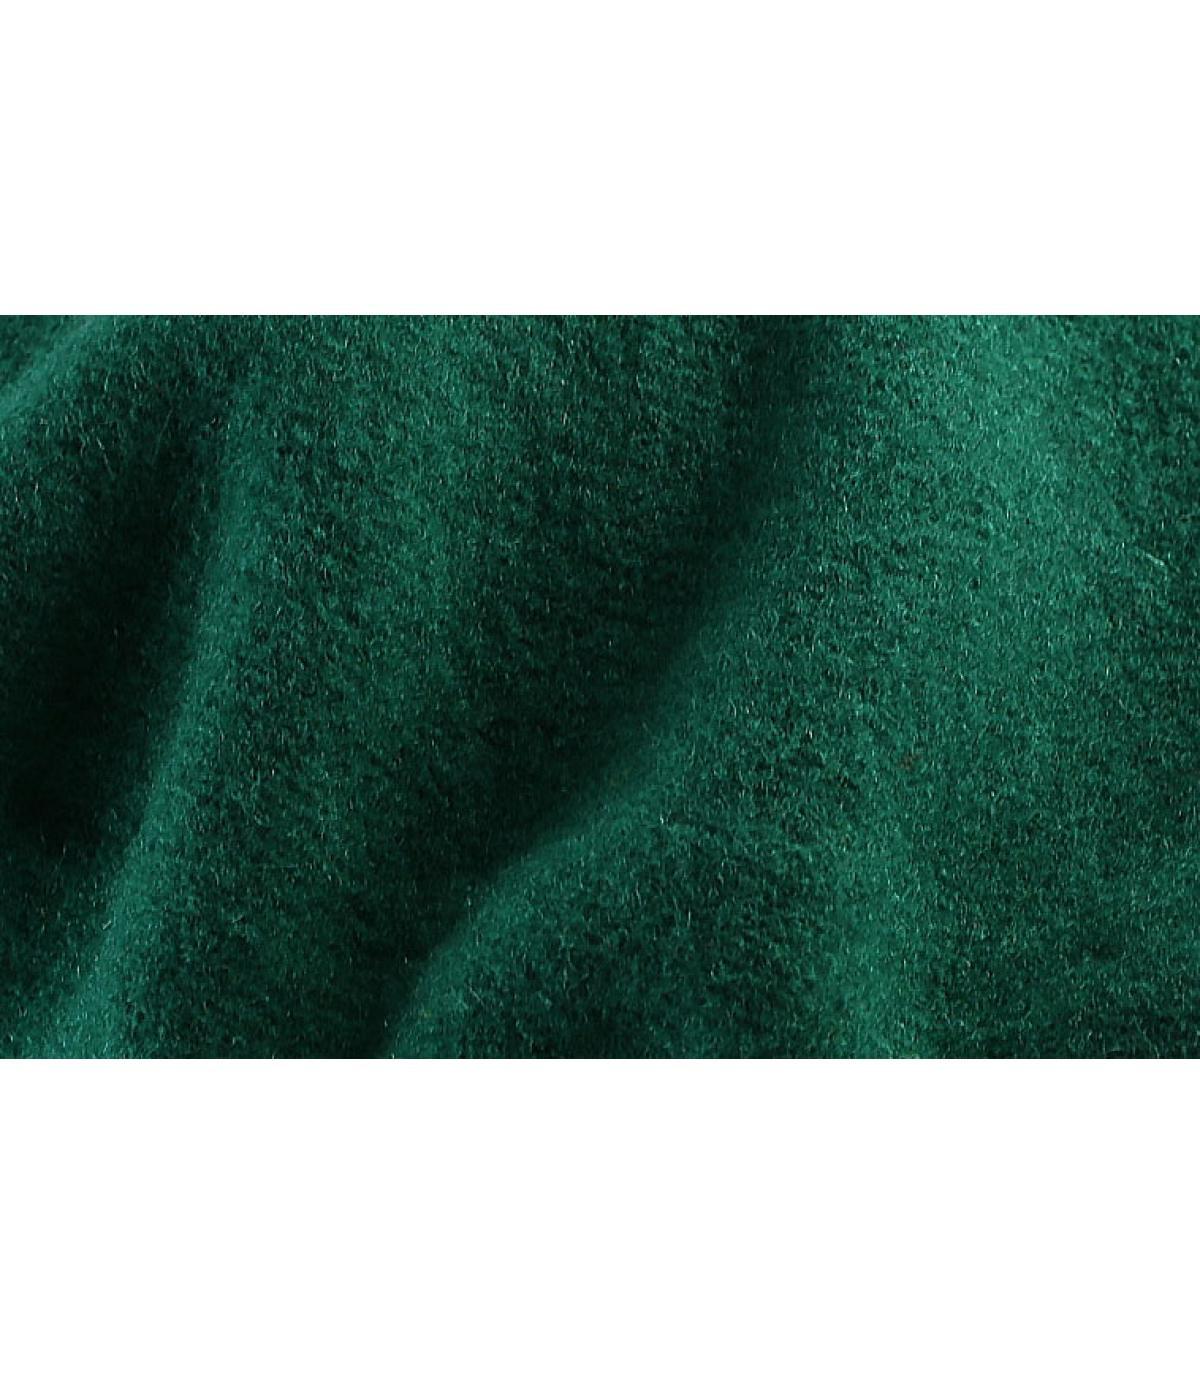 Détails Beret classique vert emeraude wm - image 3